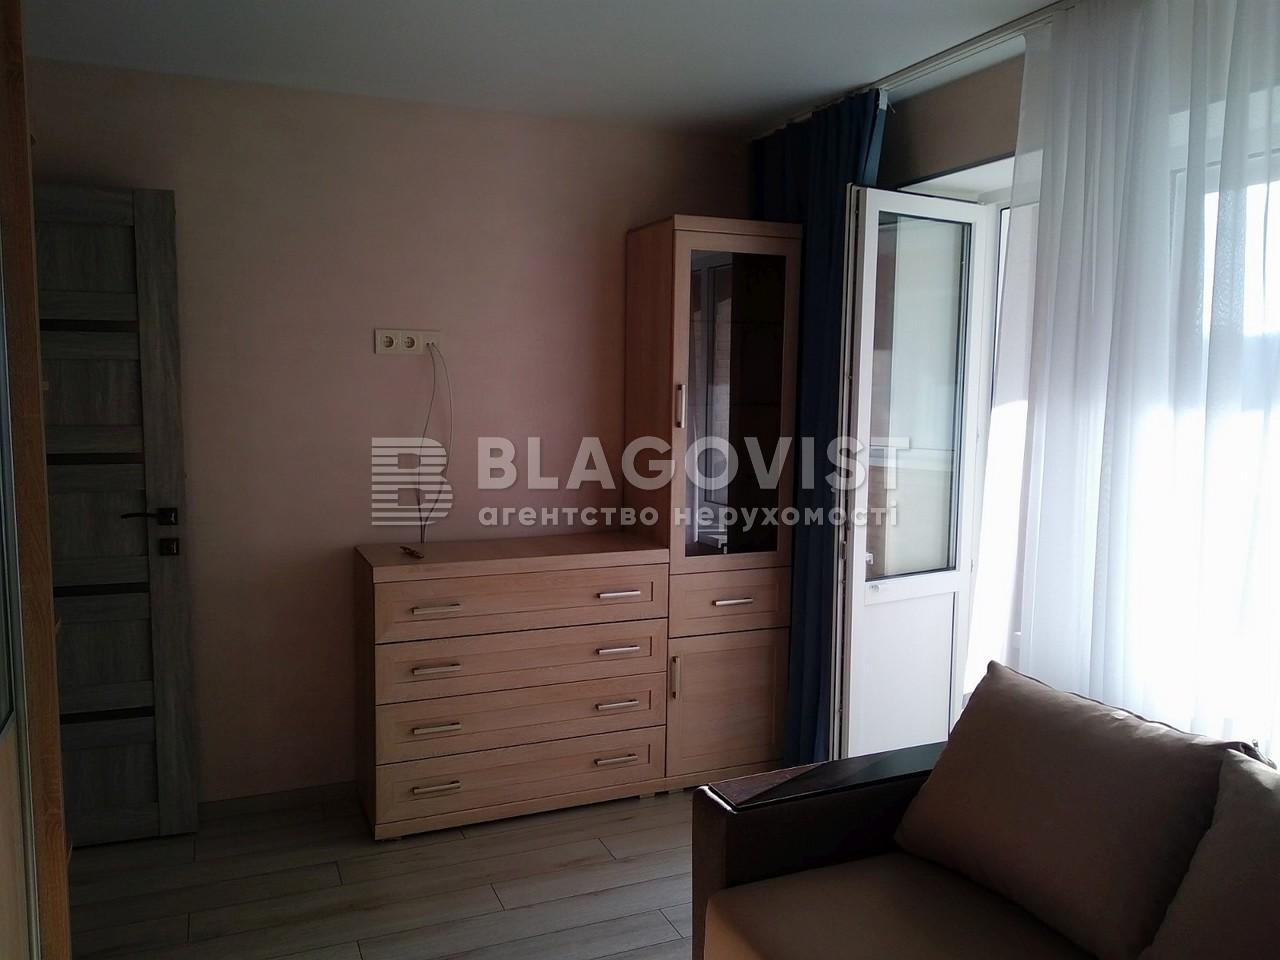 Квартира M-37191, Антоновича (Горького), 104, Київ - Фото 14